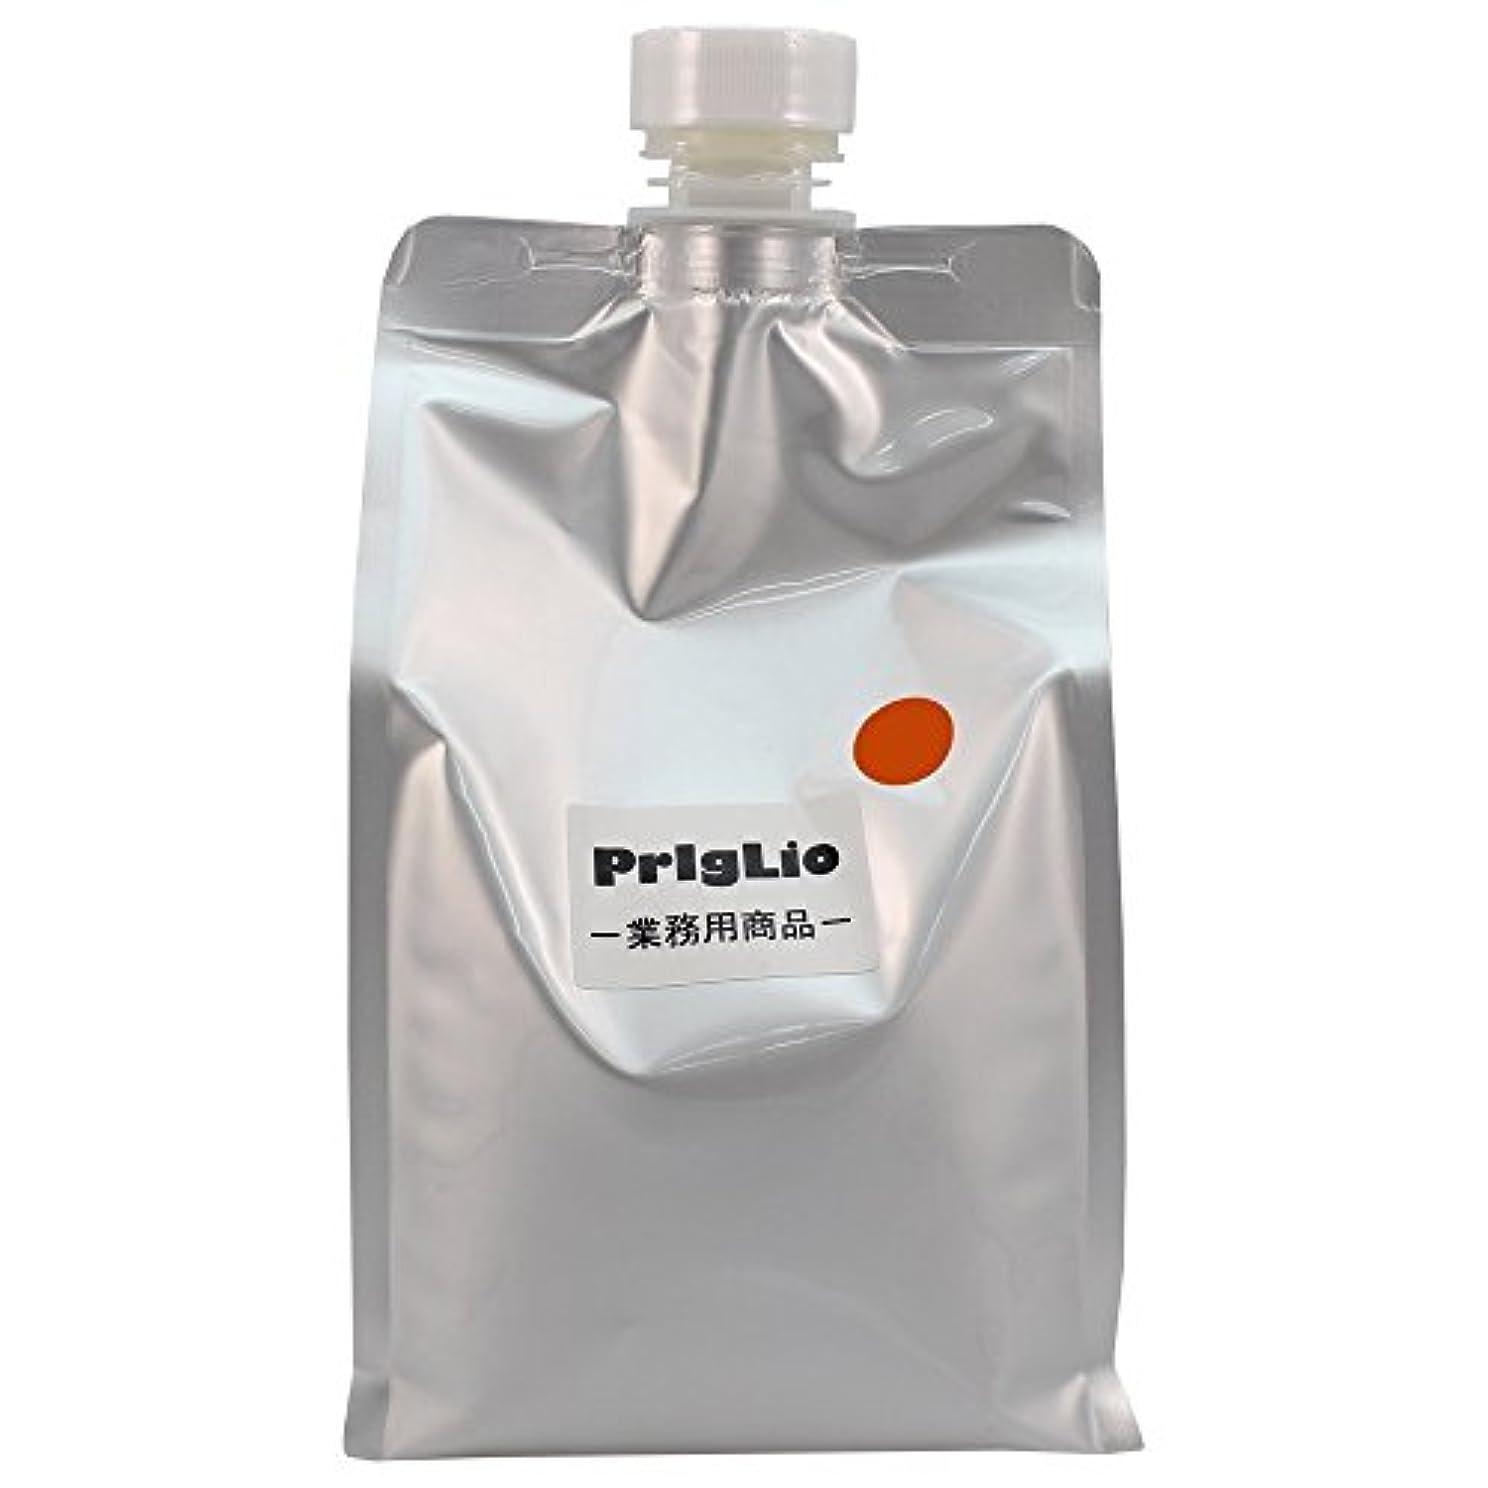 リズム緊張操作可能プリグリオD ヘアサプリメント オレンジ 900ml